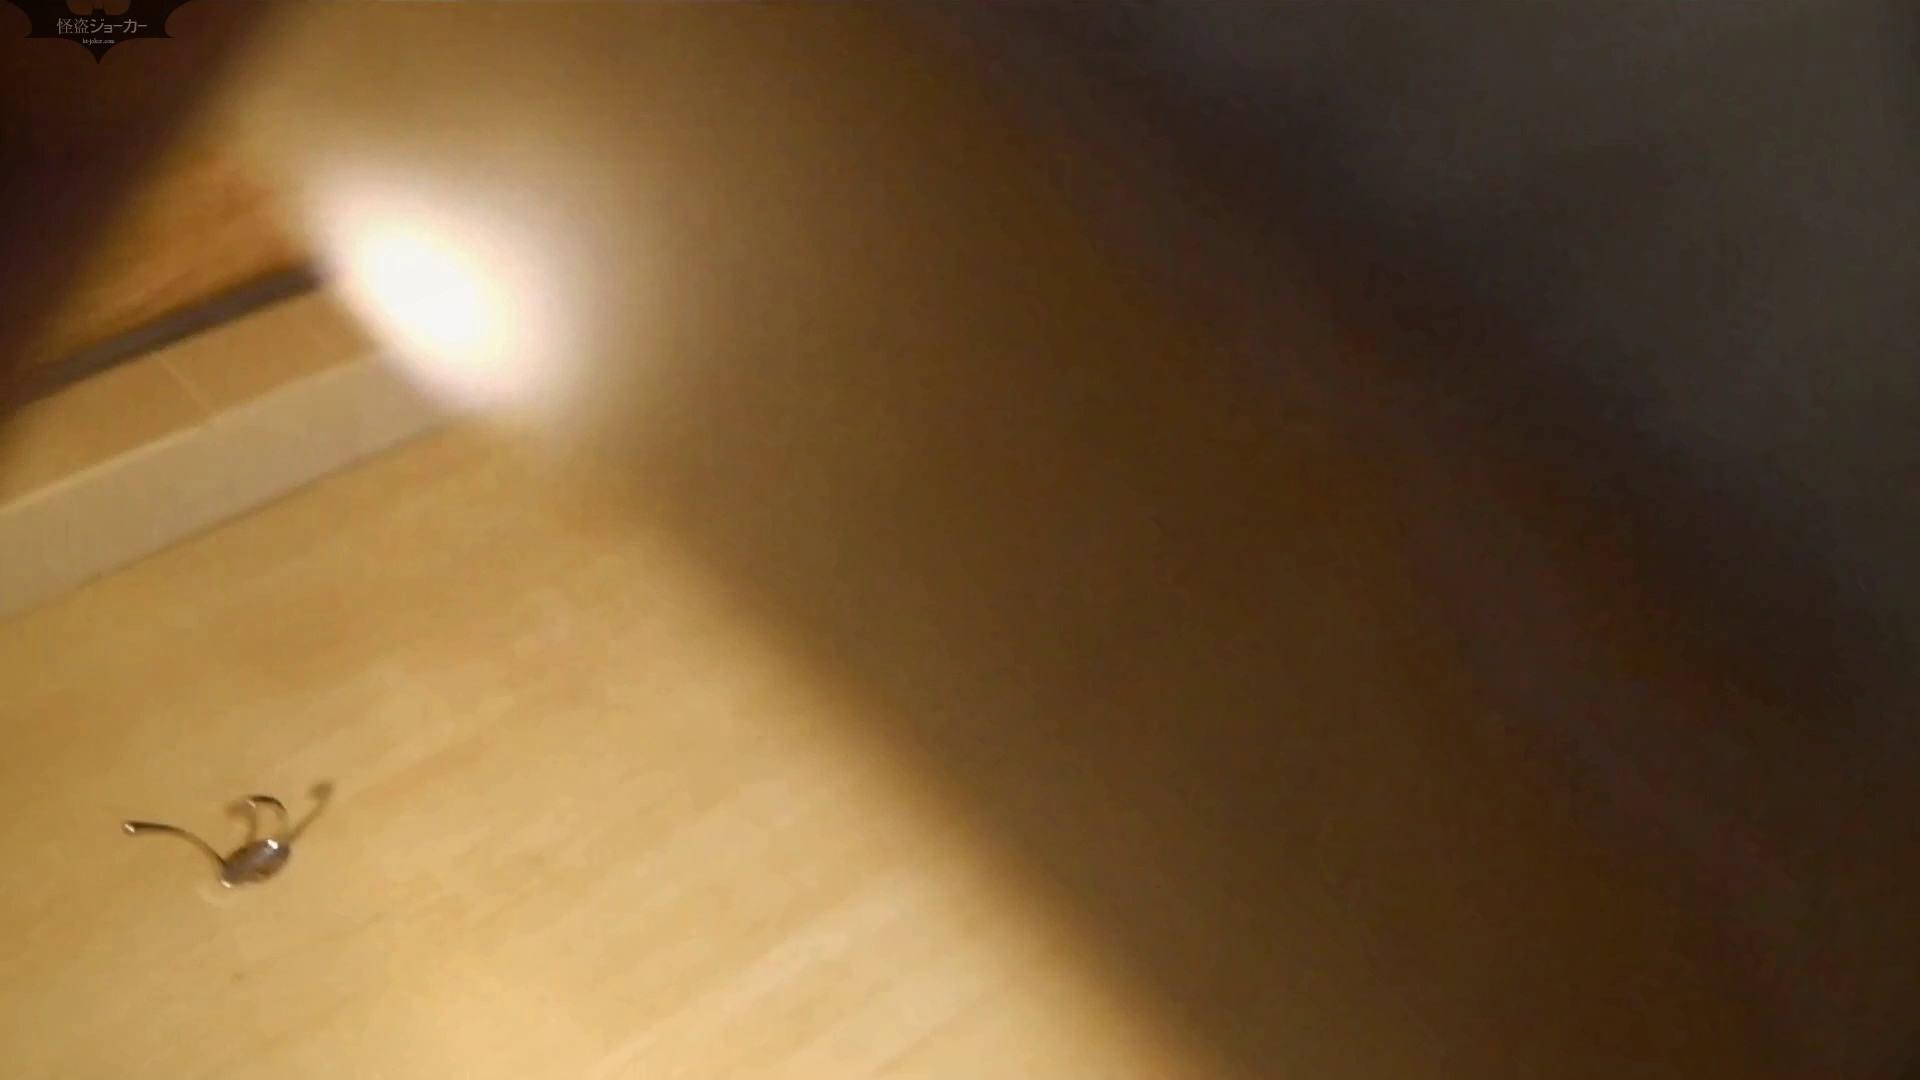 阿国ちゃんの和式洋式七変化 Vol.24 すっごくピクピクしてます。 高画質 エロ画像 89枚 27